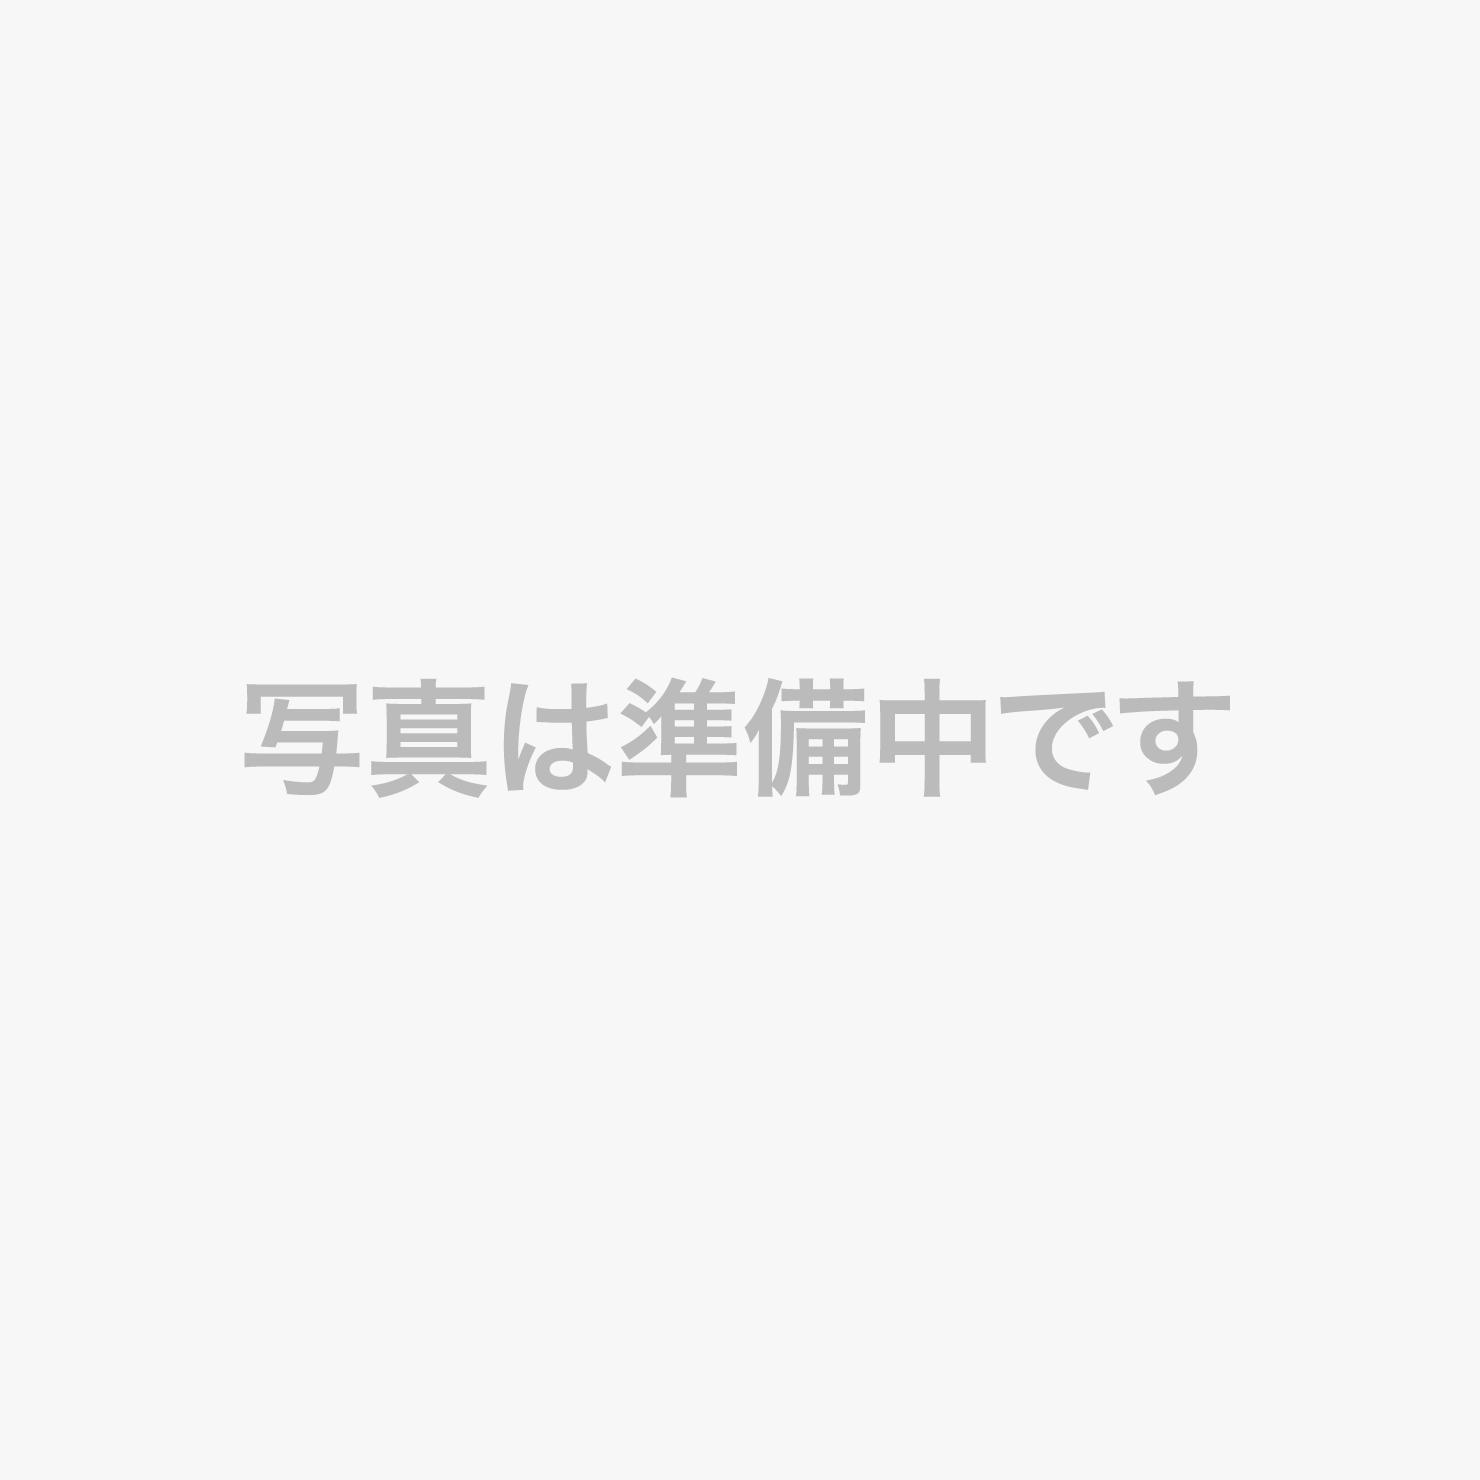 日本料理「吉備膳」の【烏城黄金かくし寿司】※画像はイメージです